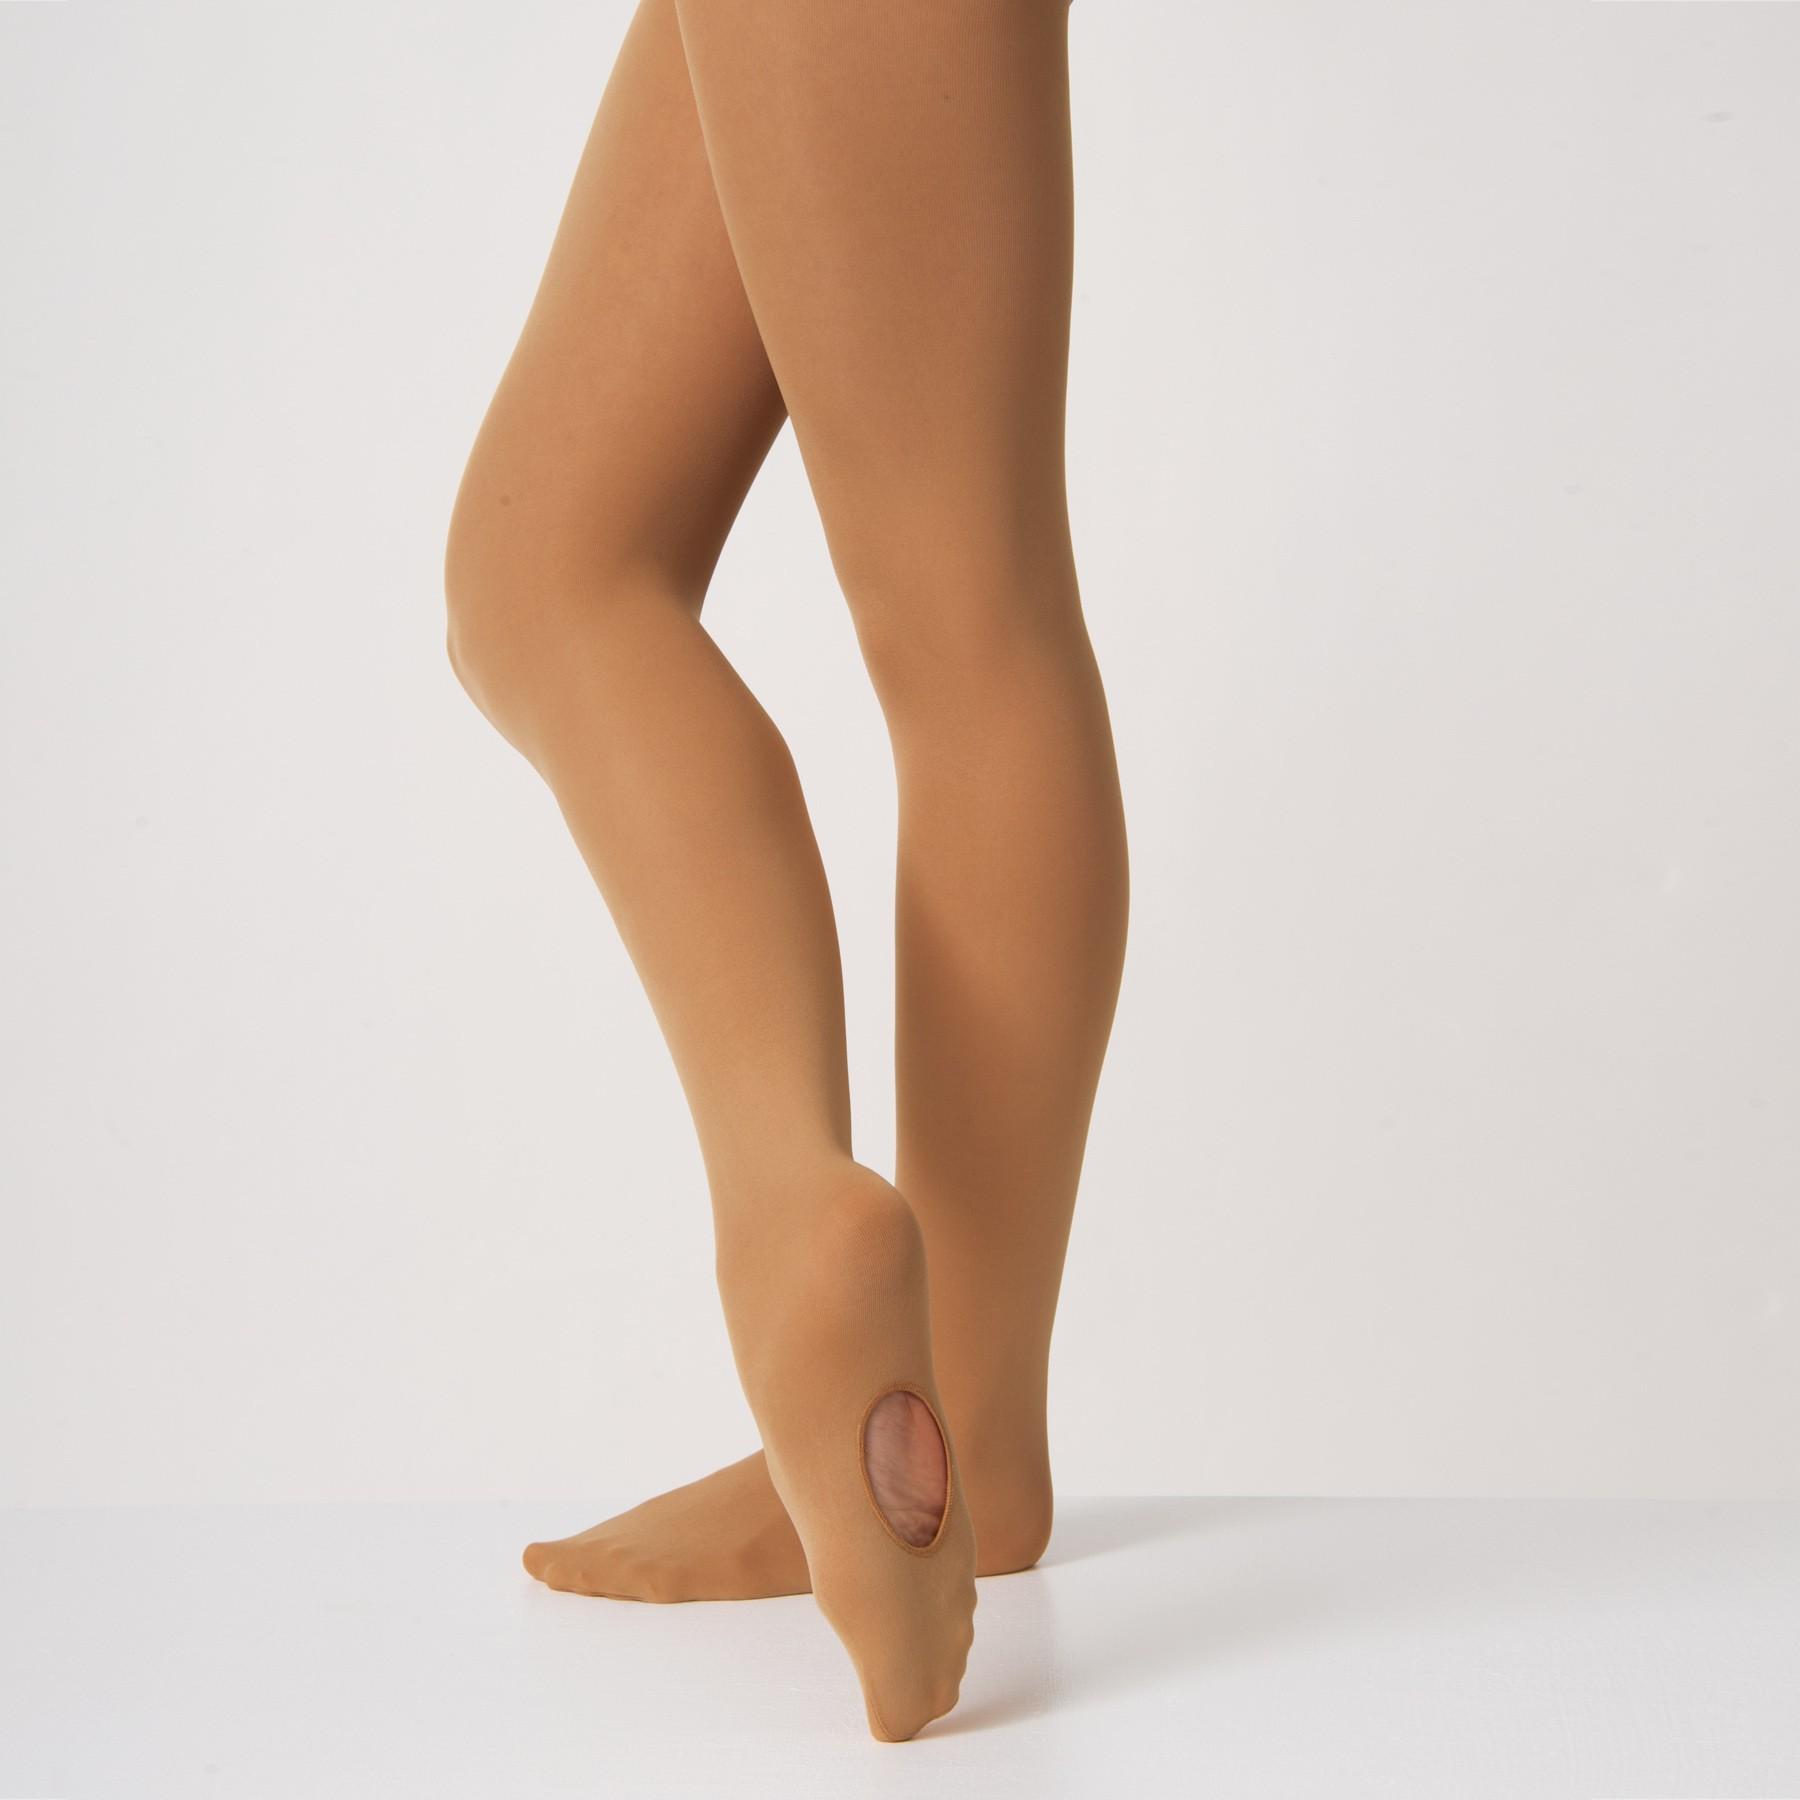 Silky Convertible Ballettstrumpfhose (Tan)